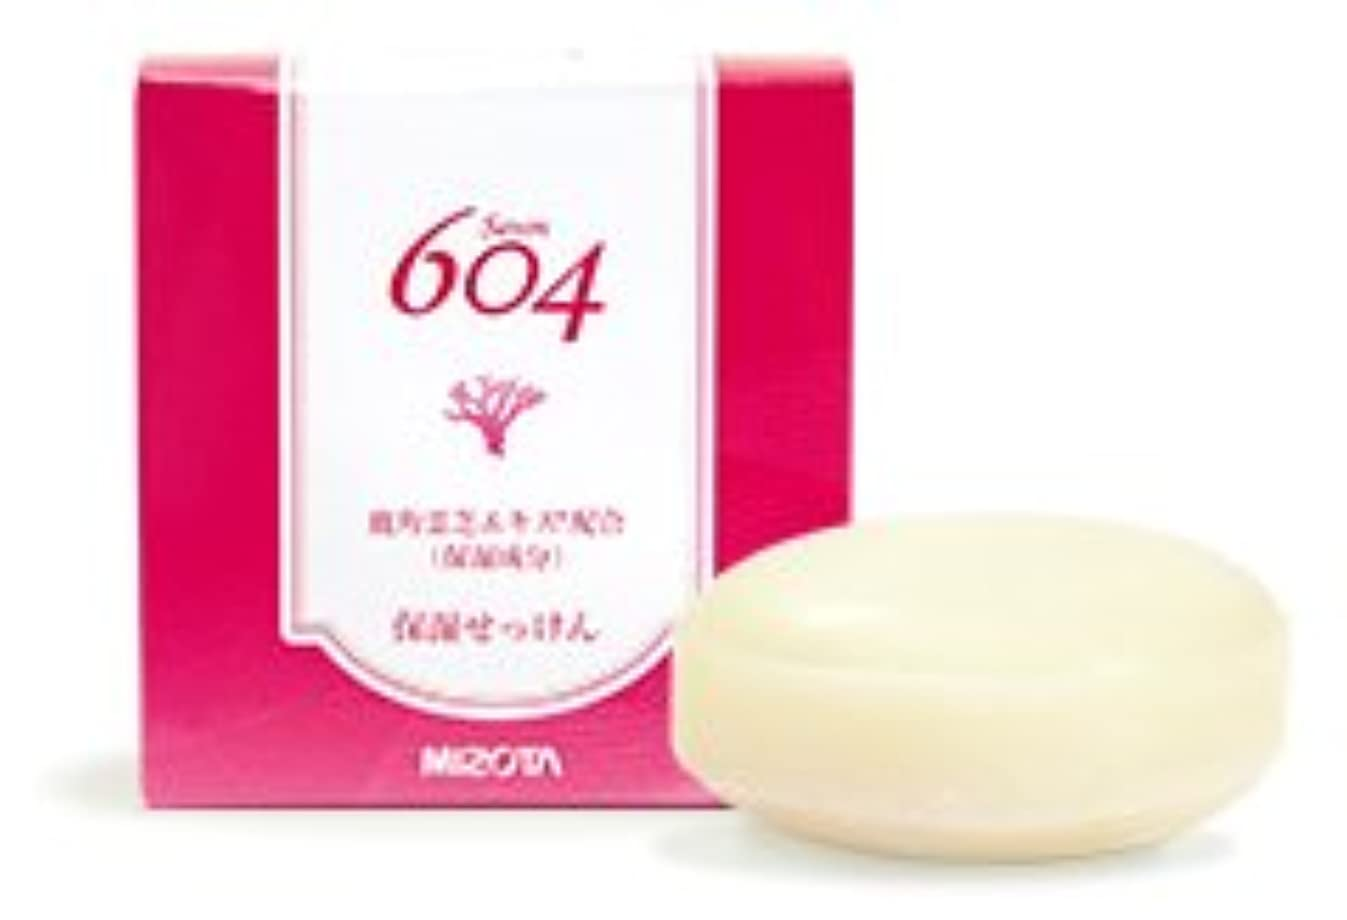 支援する優しい谷保湿ソープ604(洗顔石鹸) 鹿角零芝エキス配合